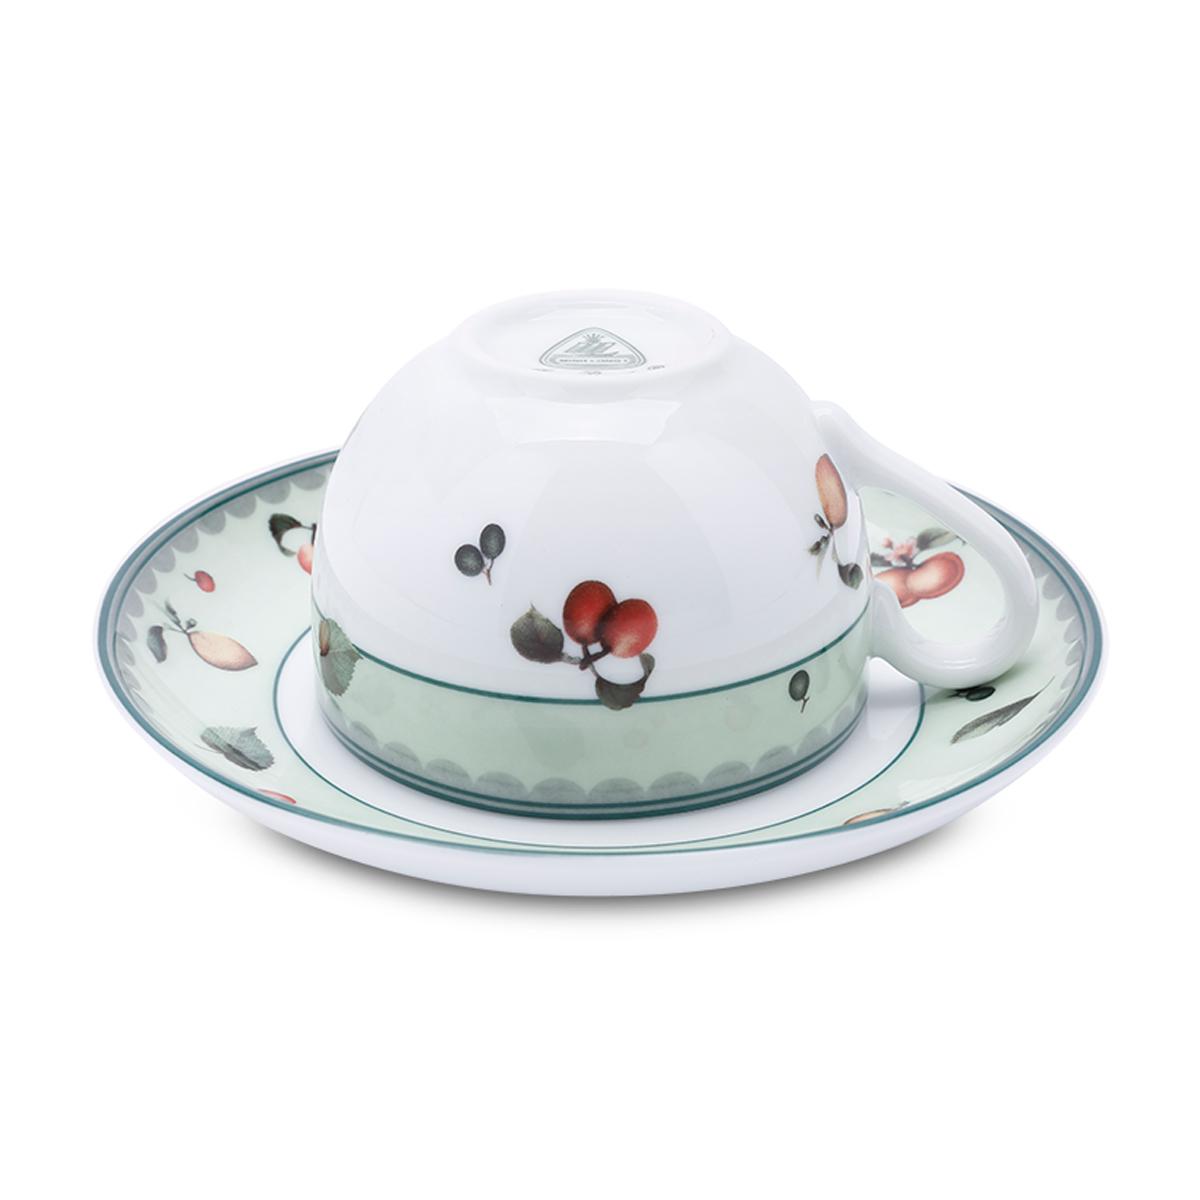 Bộ Trà 0.8L – Camellia – Quả ngọt - MNV-CM01803801903